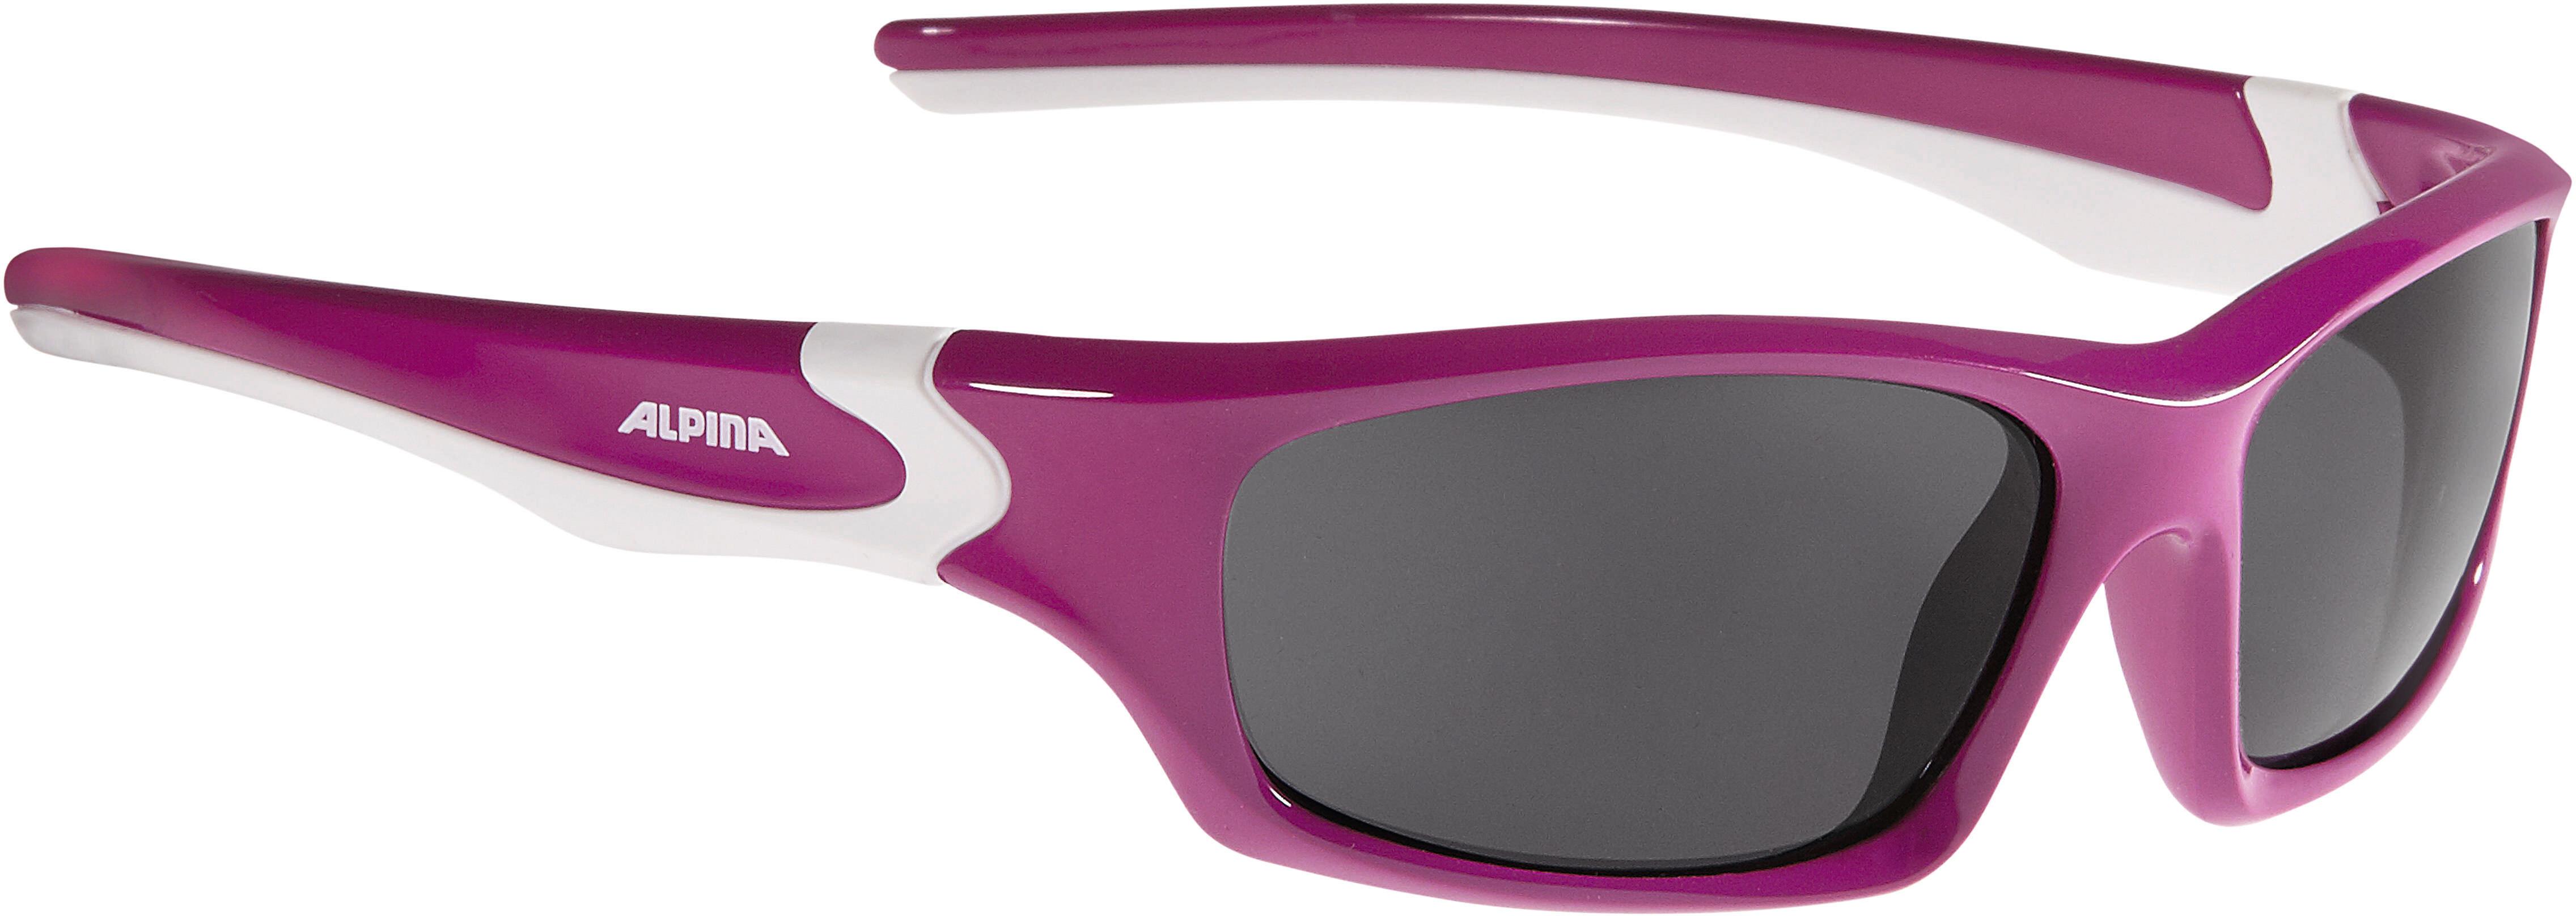 9b0d5e2132 Alpina Flexxy Teen - Gafas ciclismo Niños - rojo   Campz.es